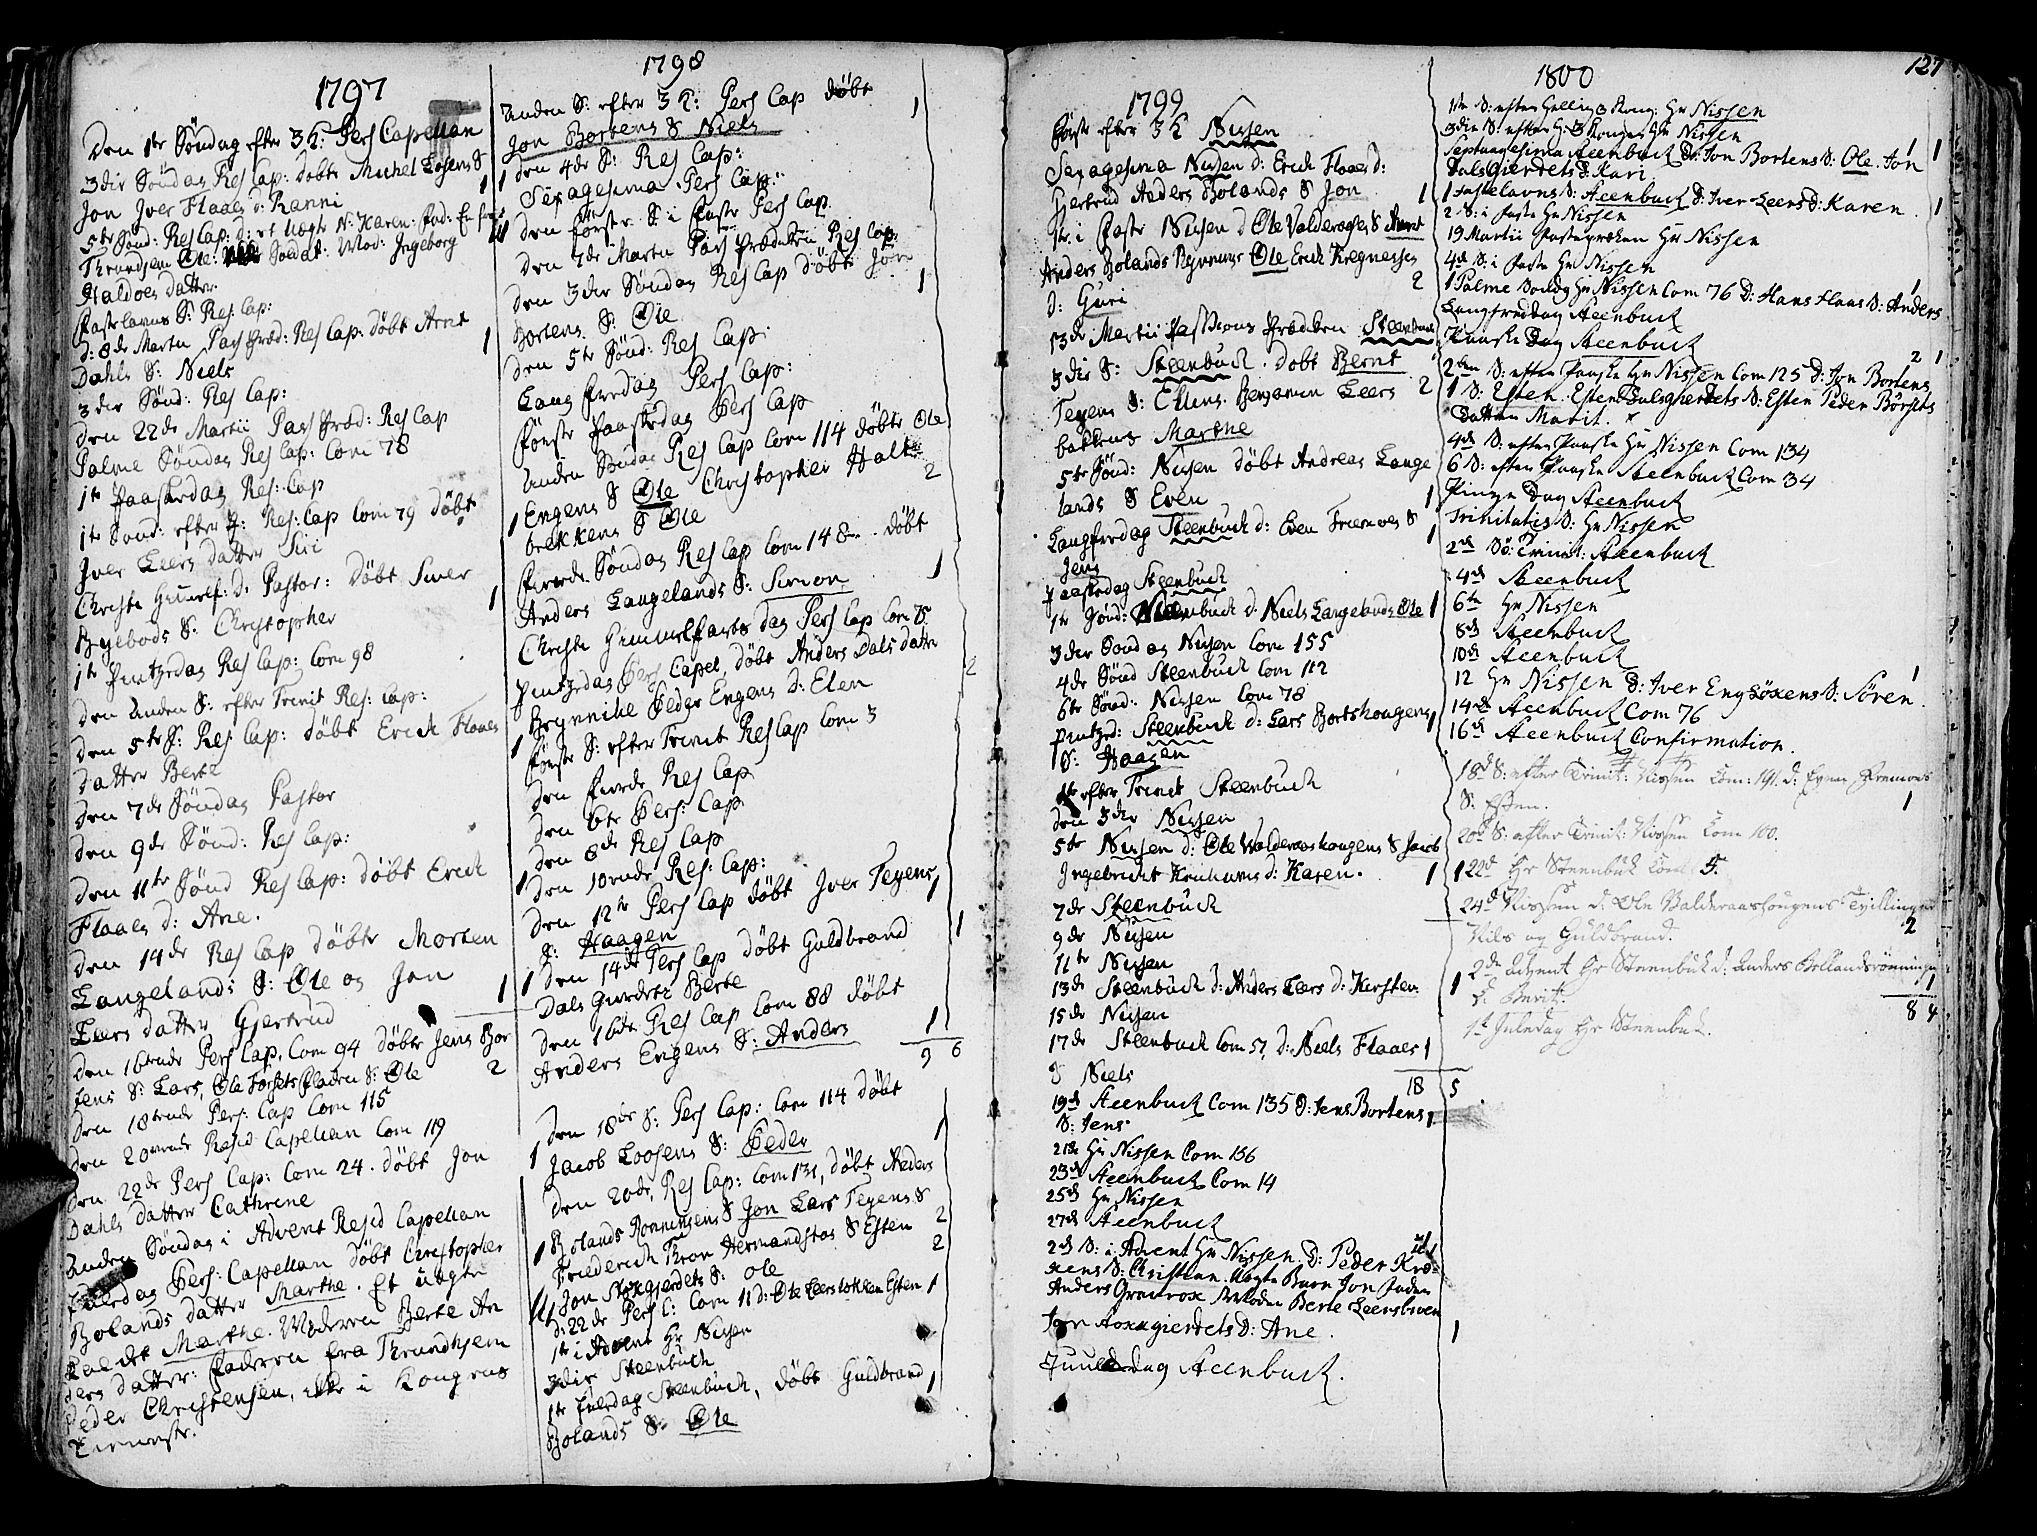 SAT, Ministerialprotokoller, klokkerbøker og fødselsregistre - Sør-Trøndelag, 691/L1062: Ministerialbok nr. 691A02 /2, 1768-1815, s. 127